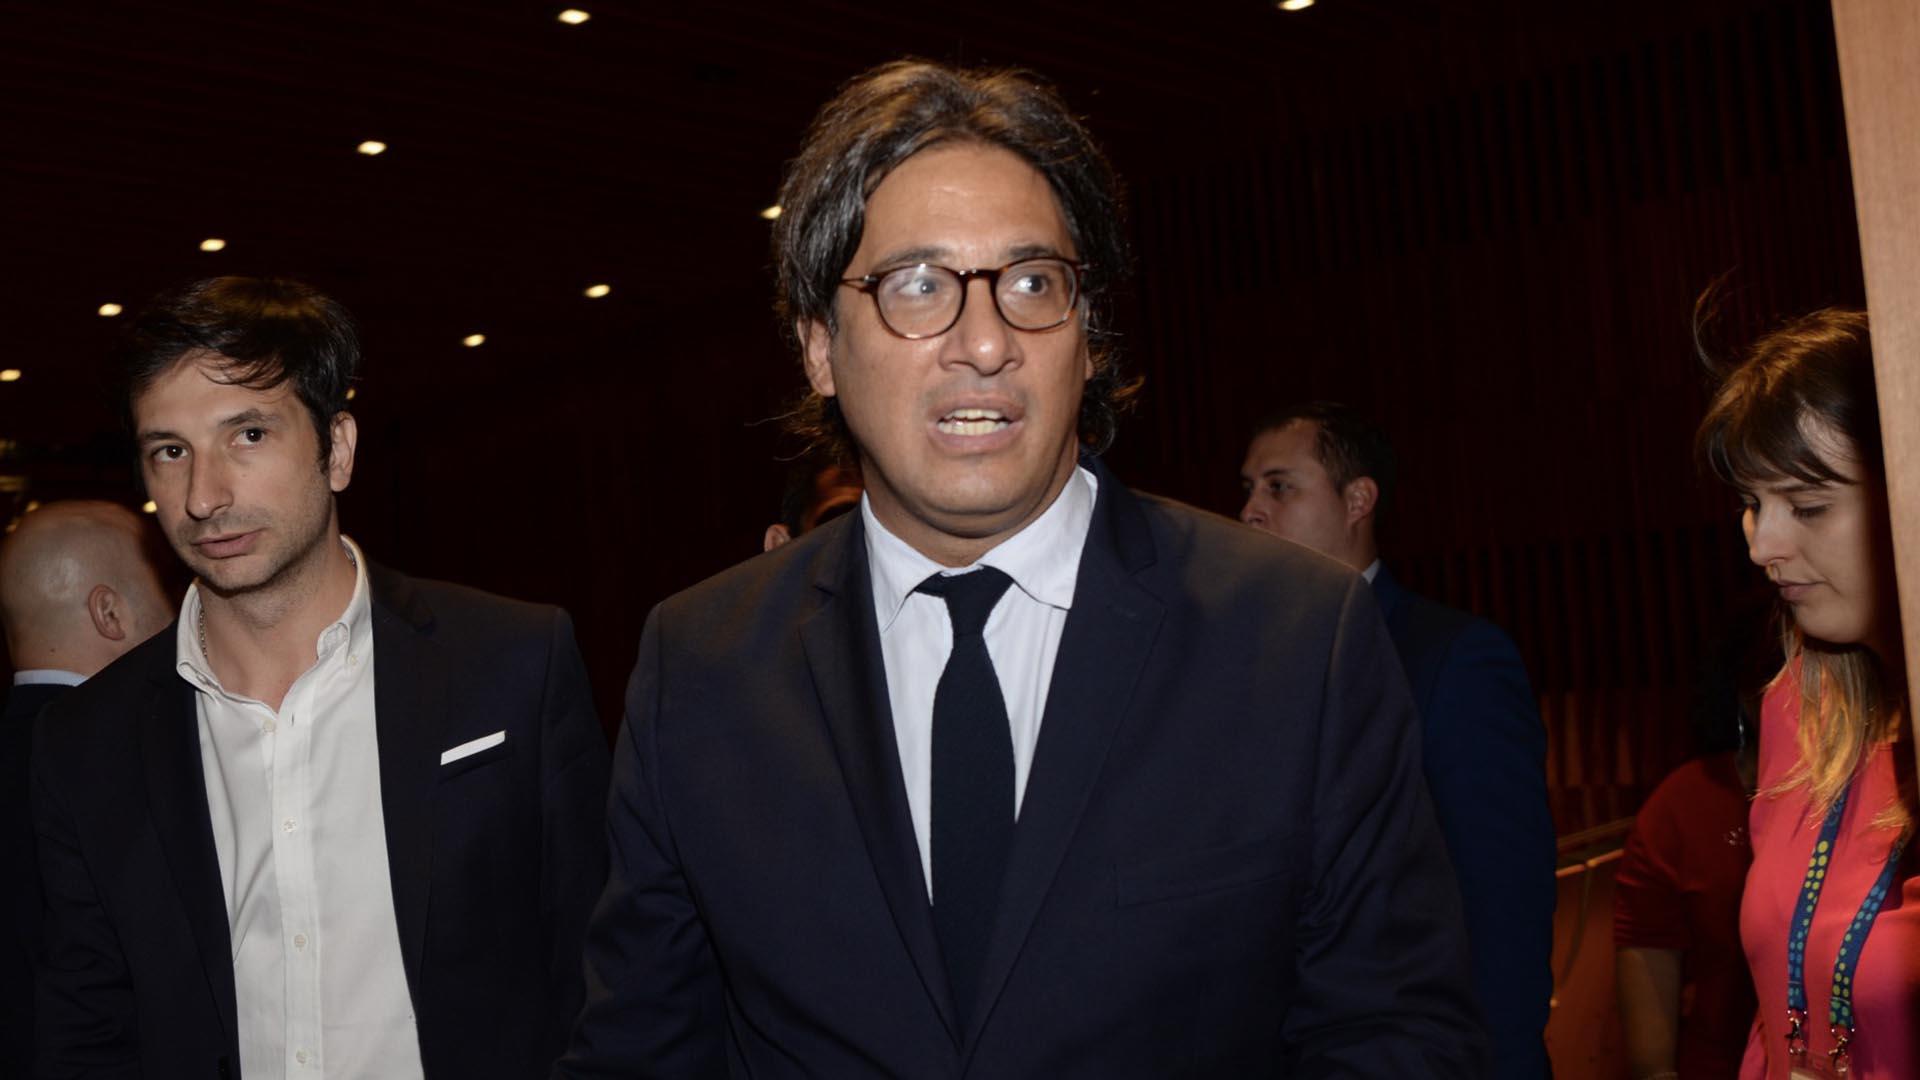 El ministro de Justicia, Germán Garavano (Foto: Julieta Ferrario)